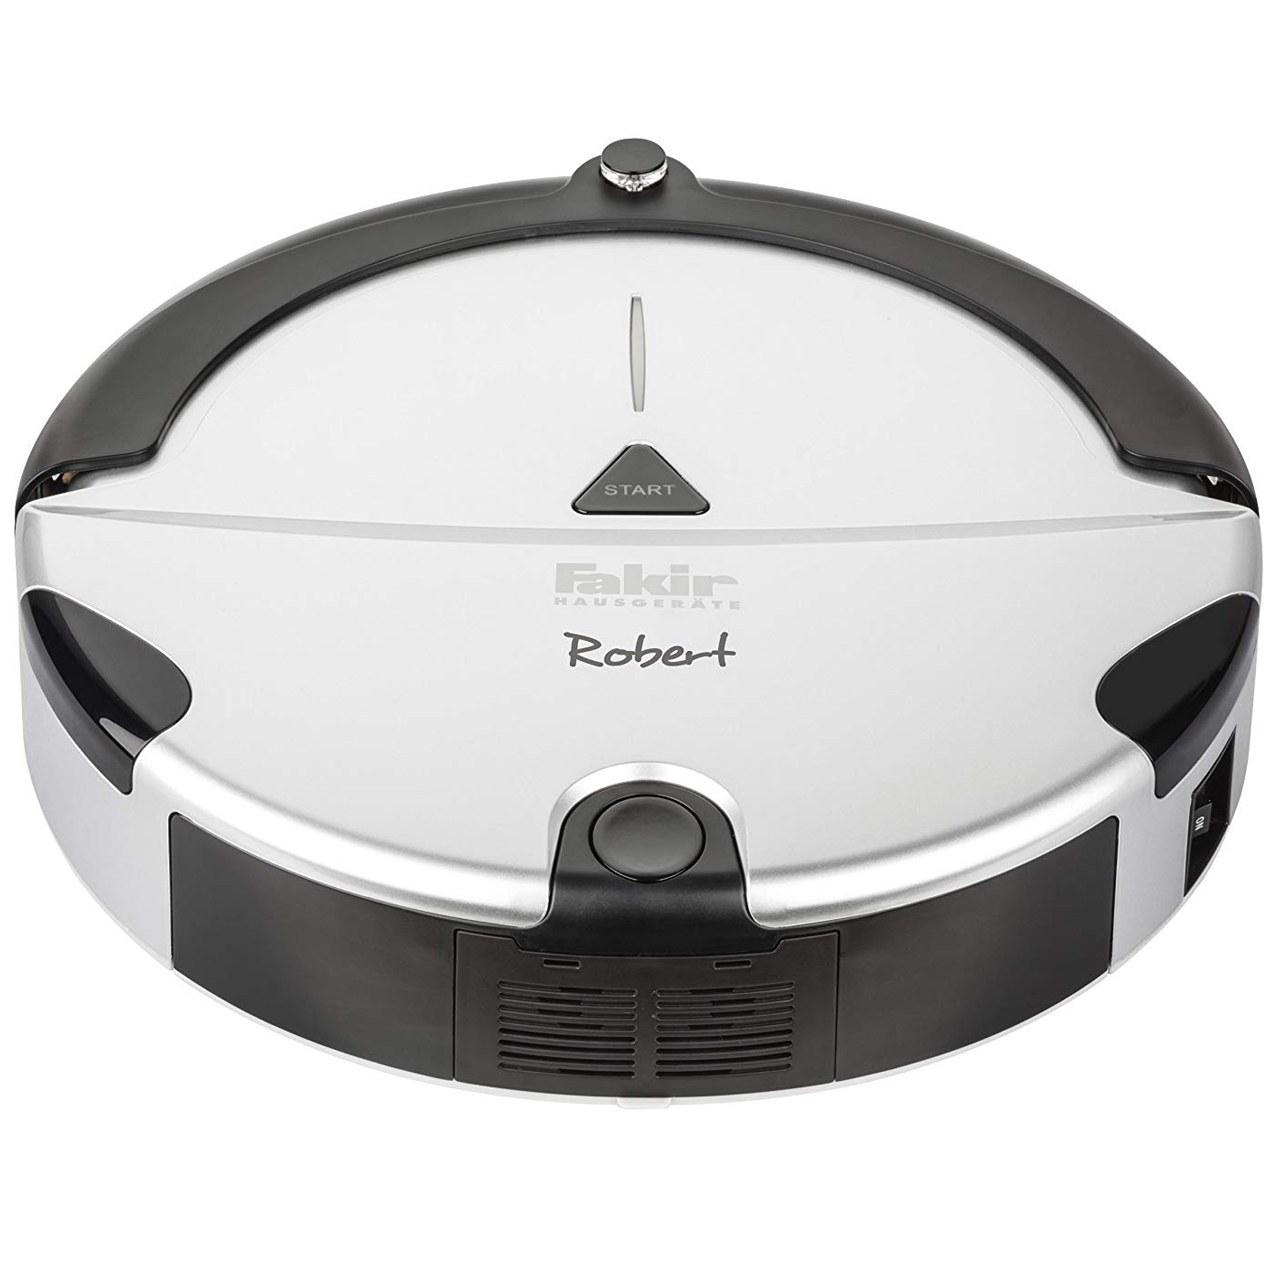 جارو برقی رباتیک فکر مدل Robert